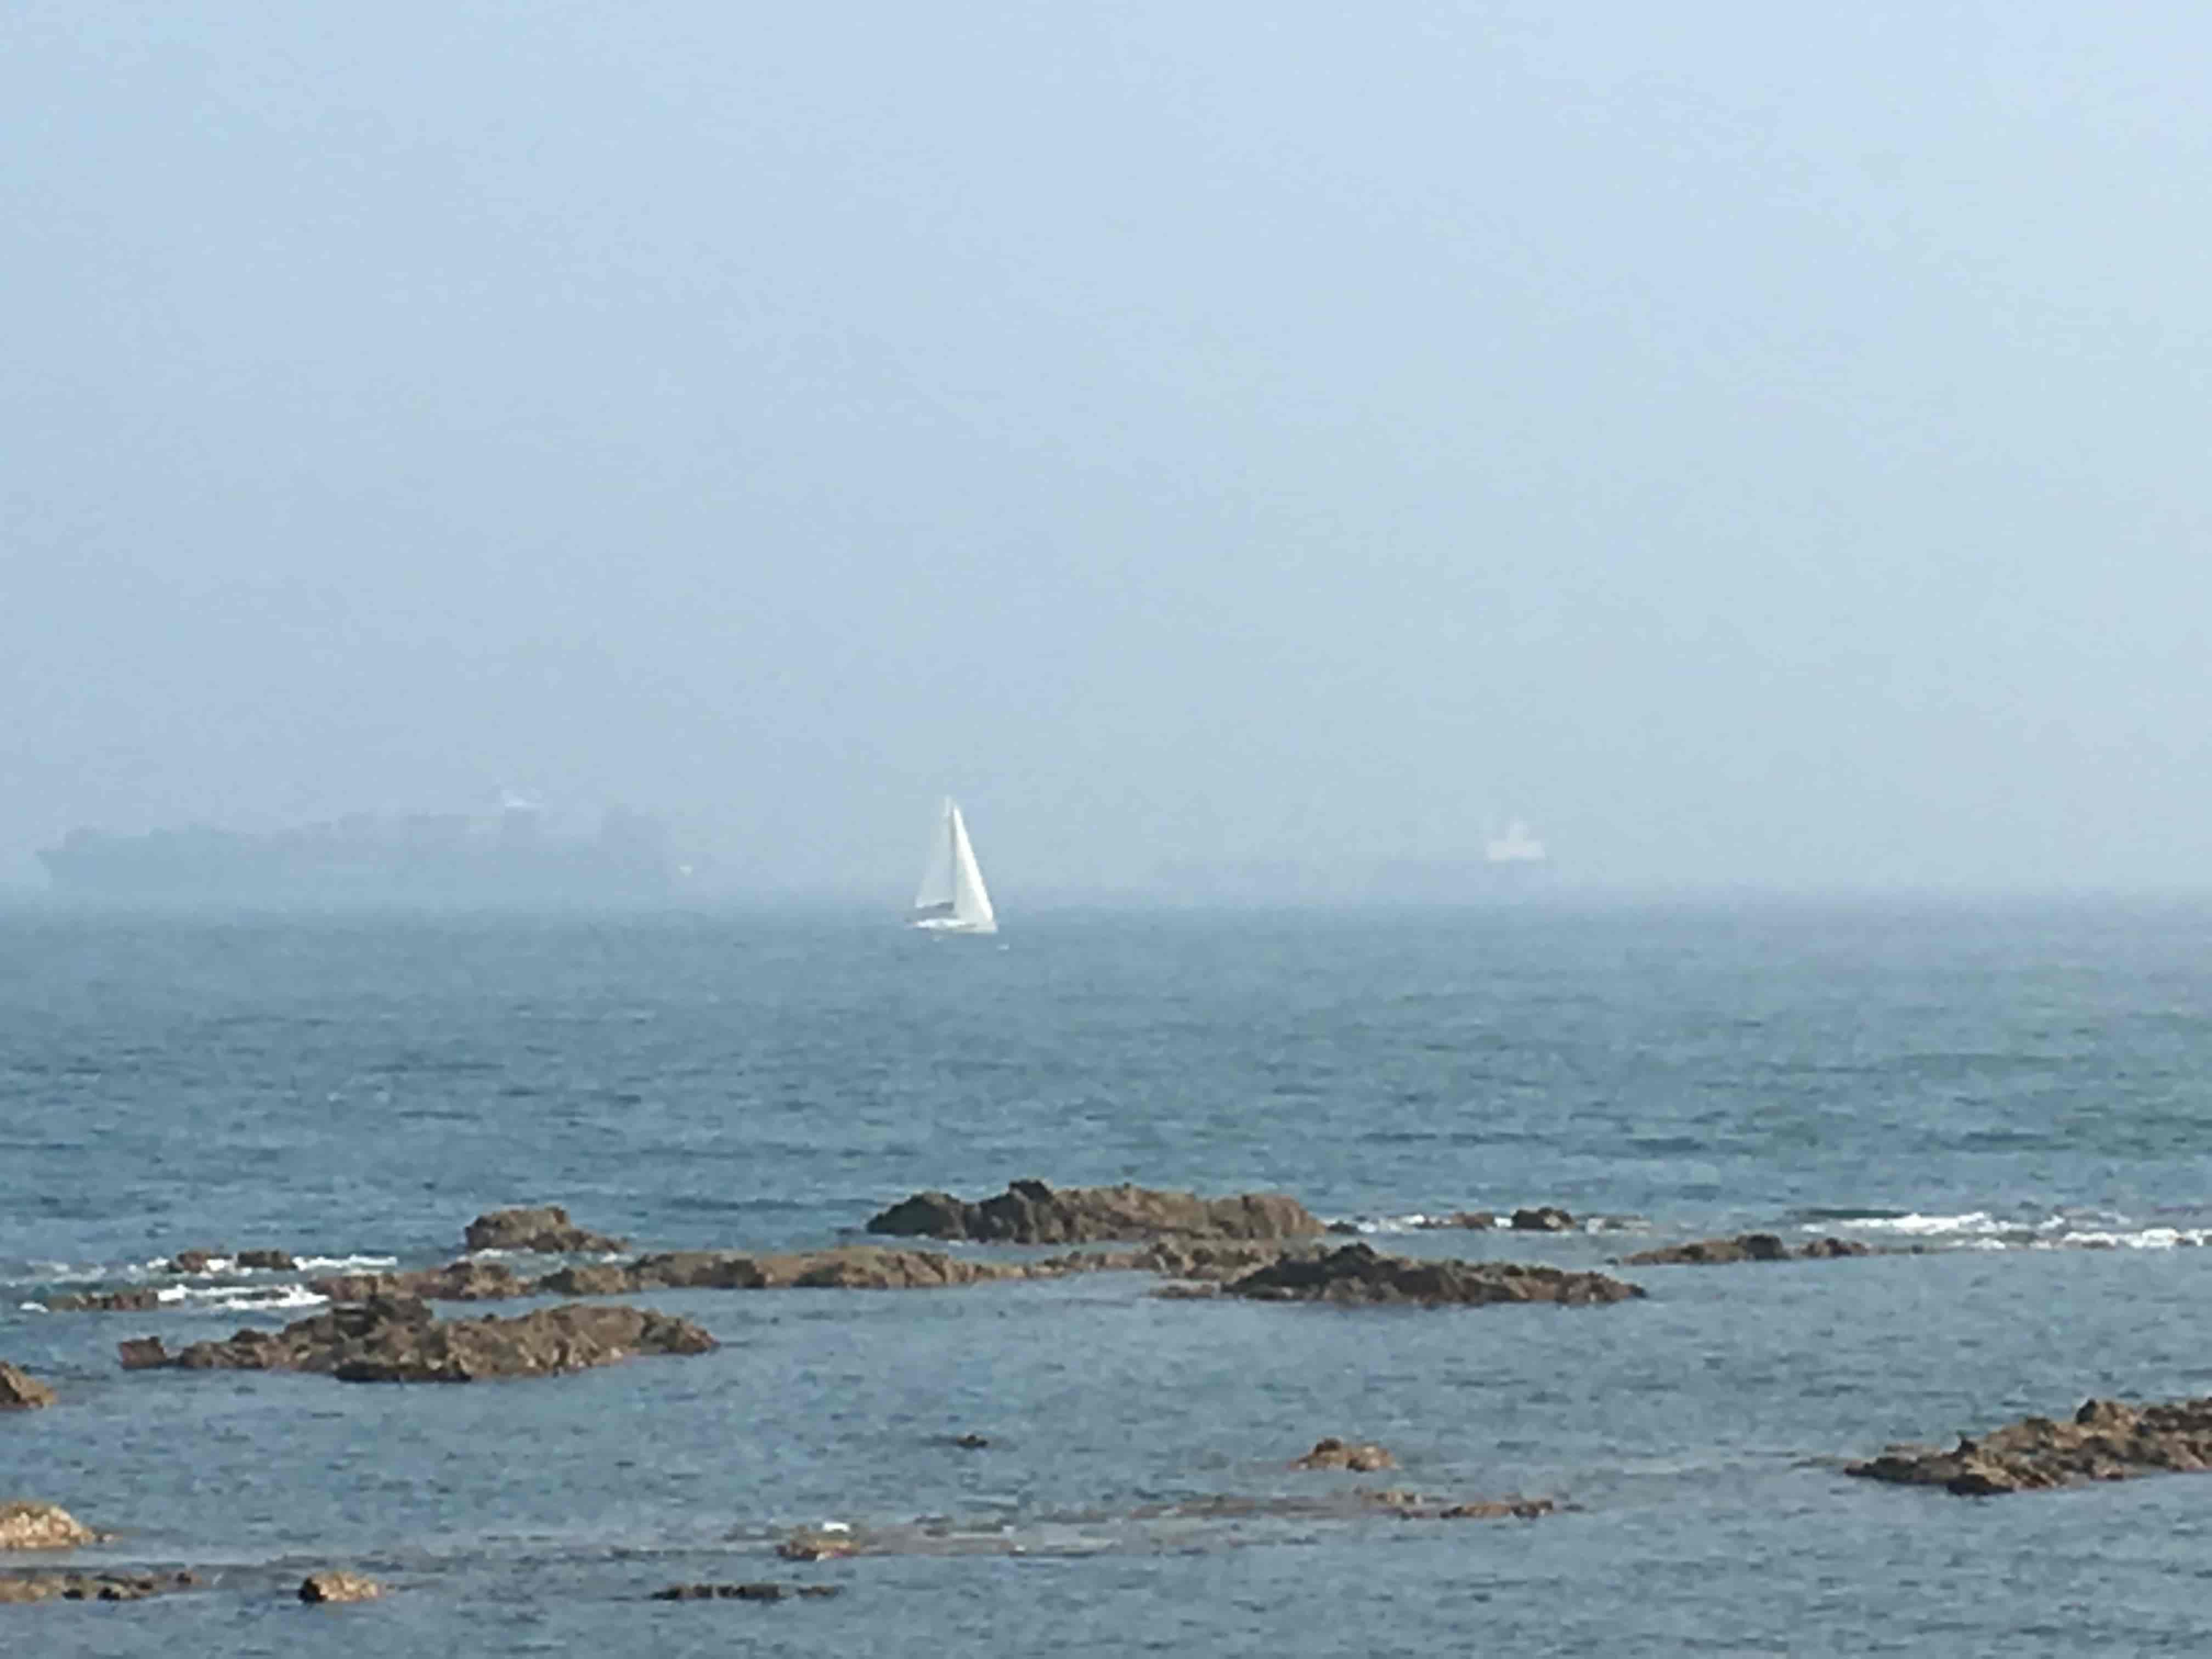 远处的帆船